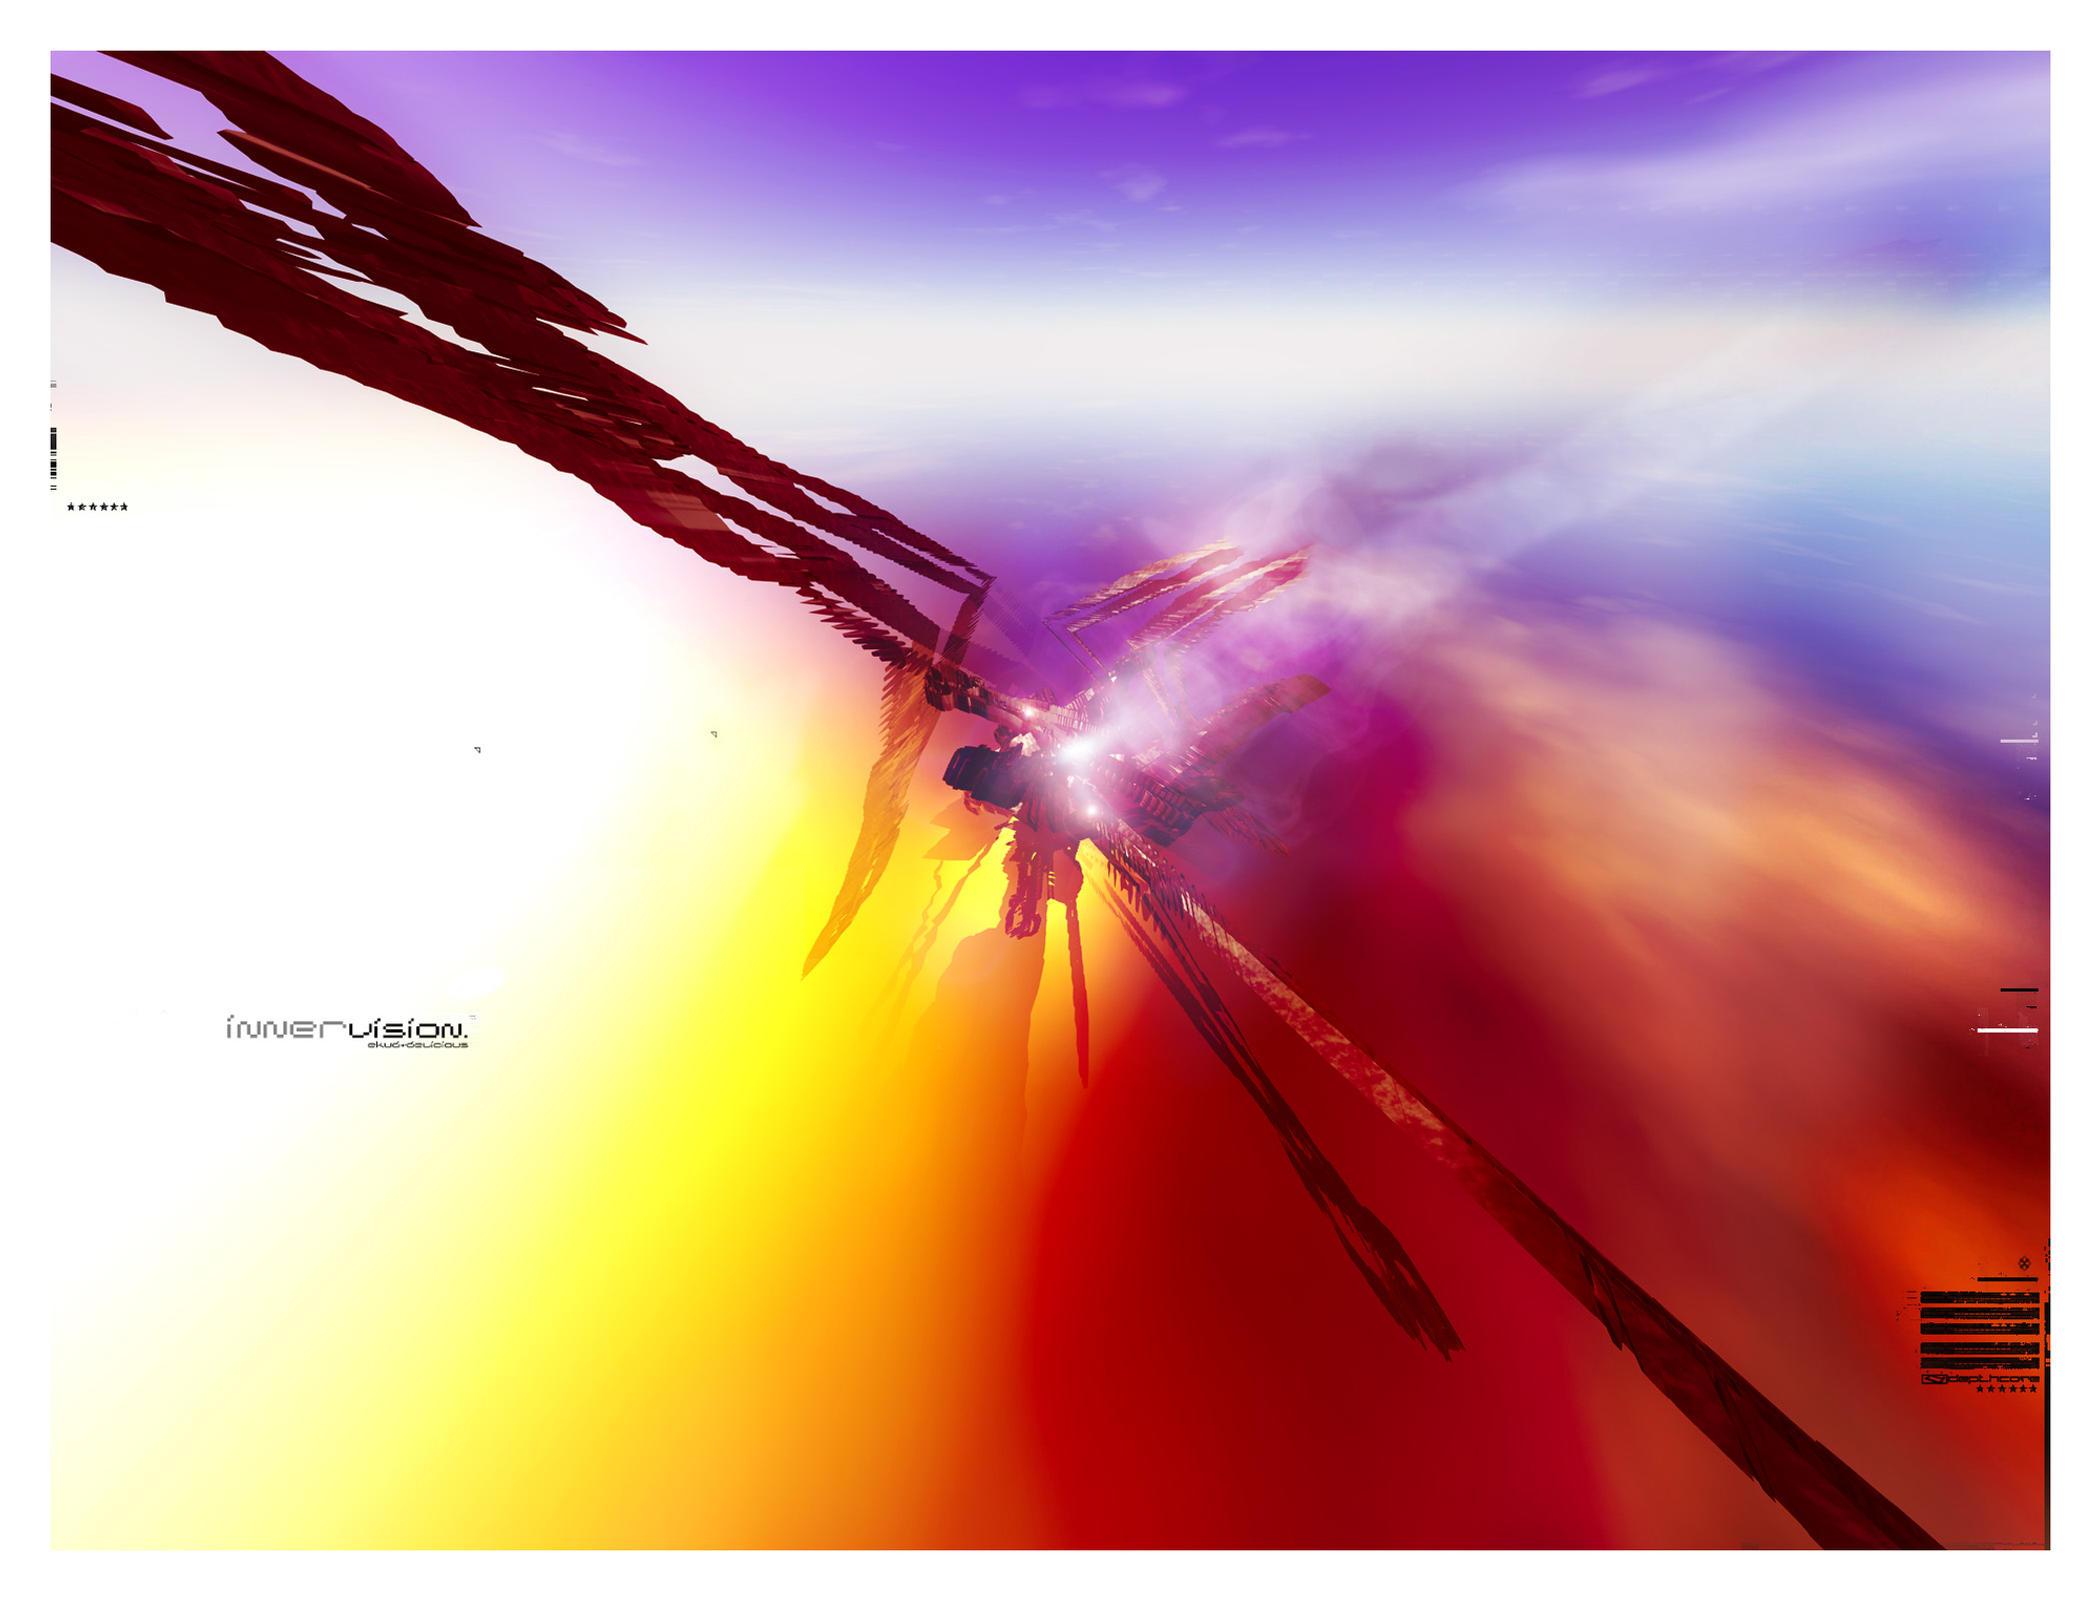 INNER VISION by ekud